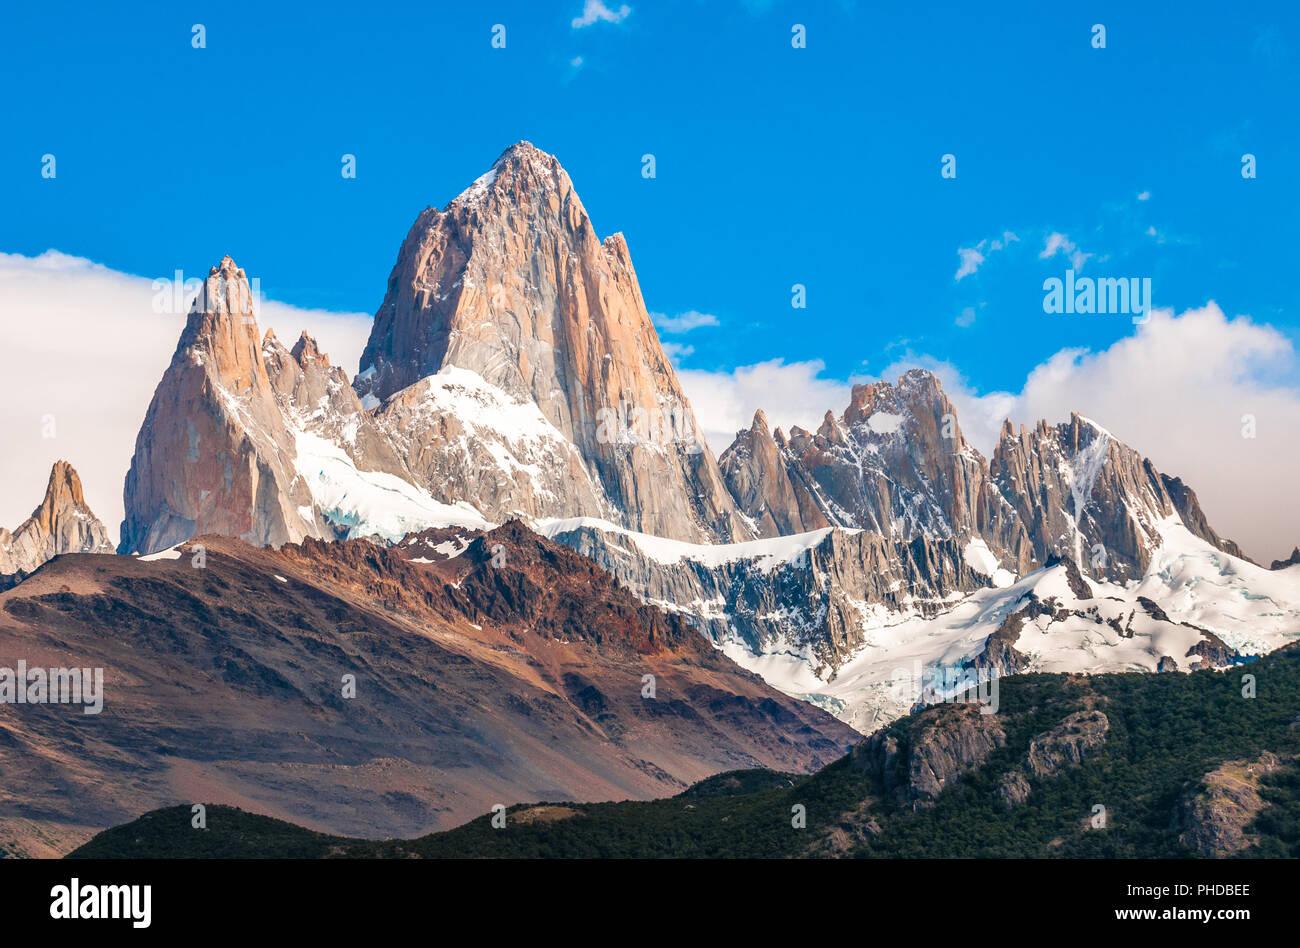 Fitz Roy montagna, El Chalten, Patagonia, Argentina Immagini Stock